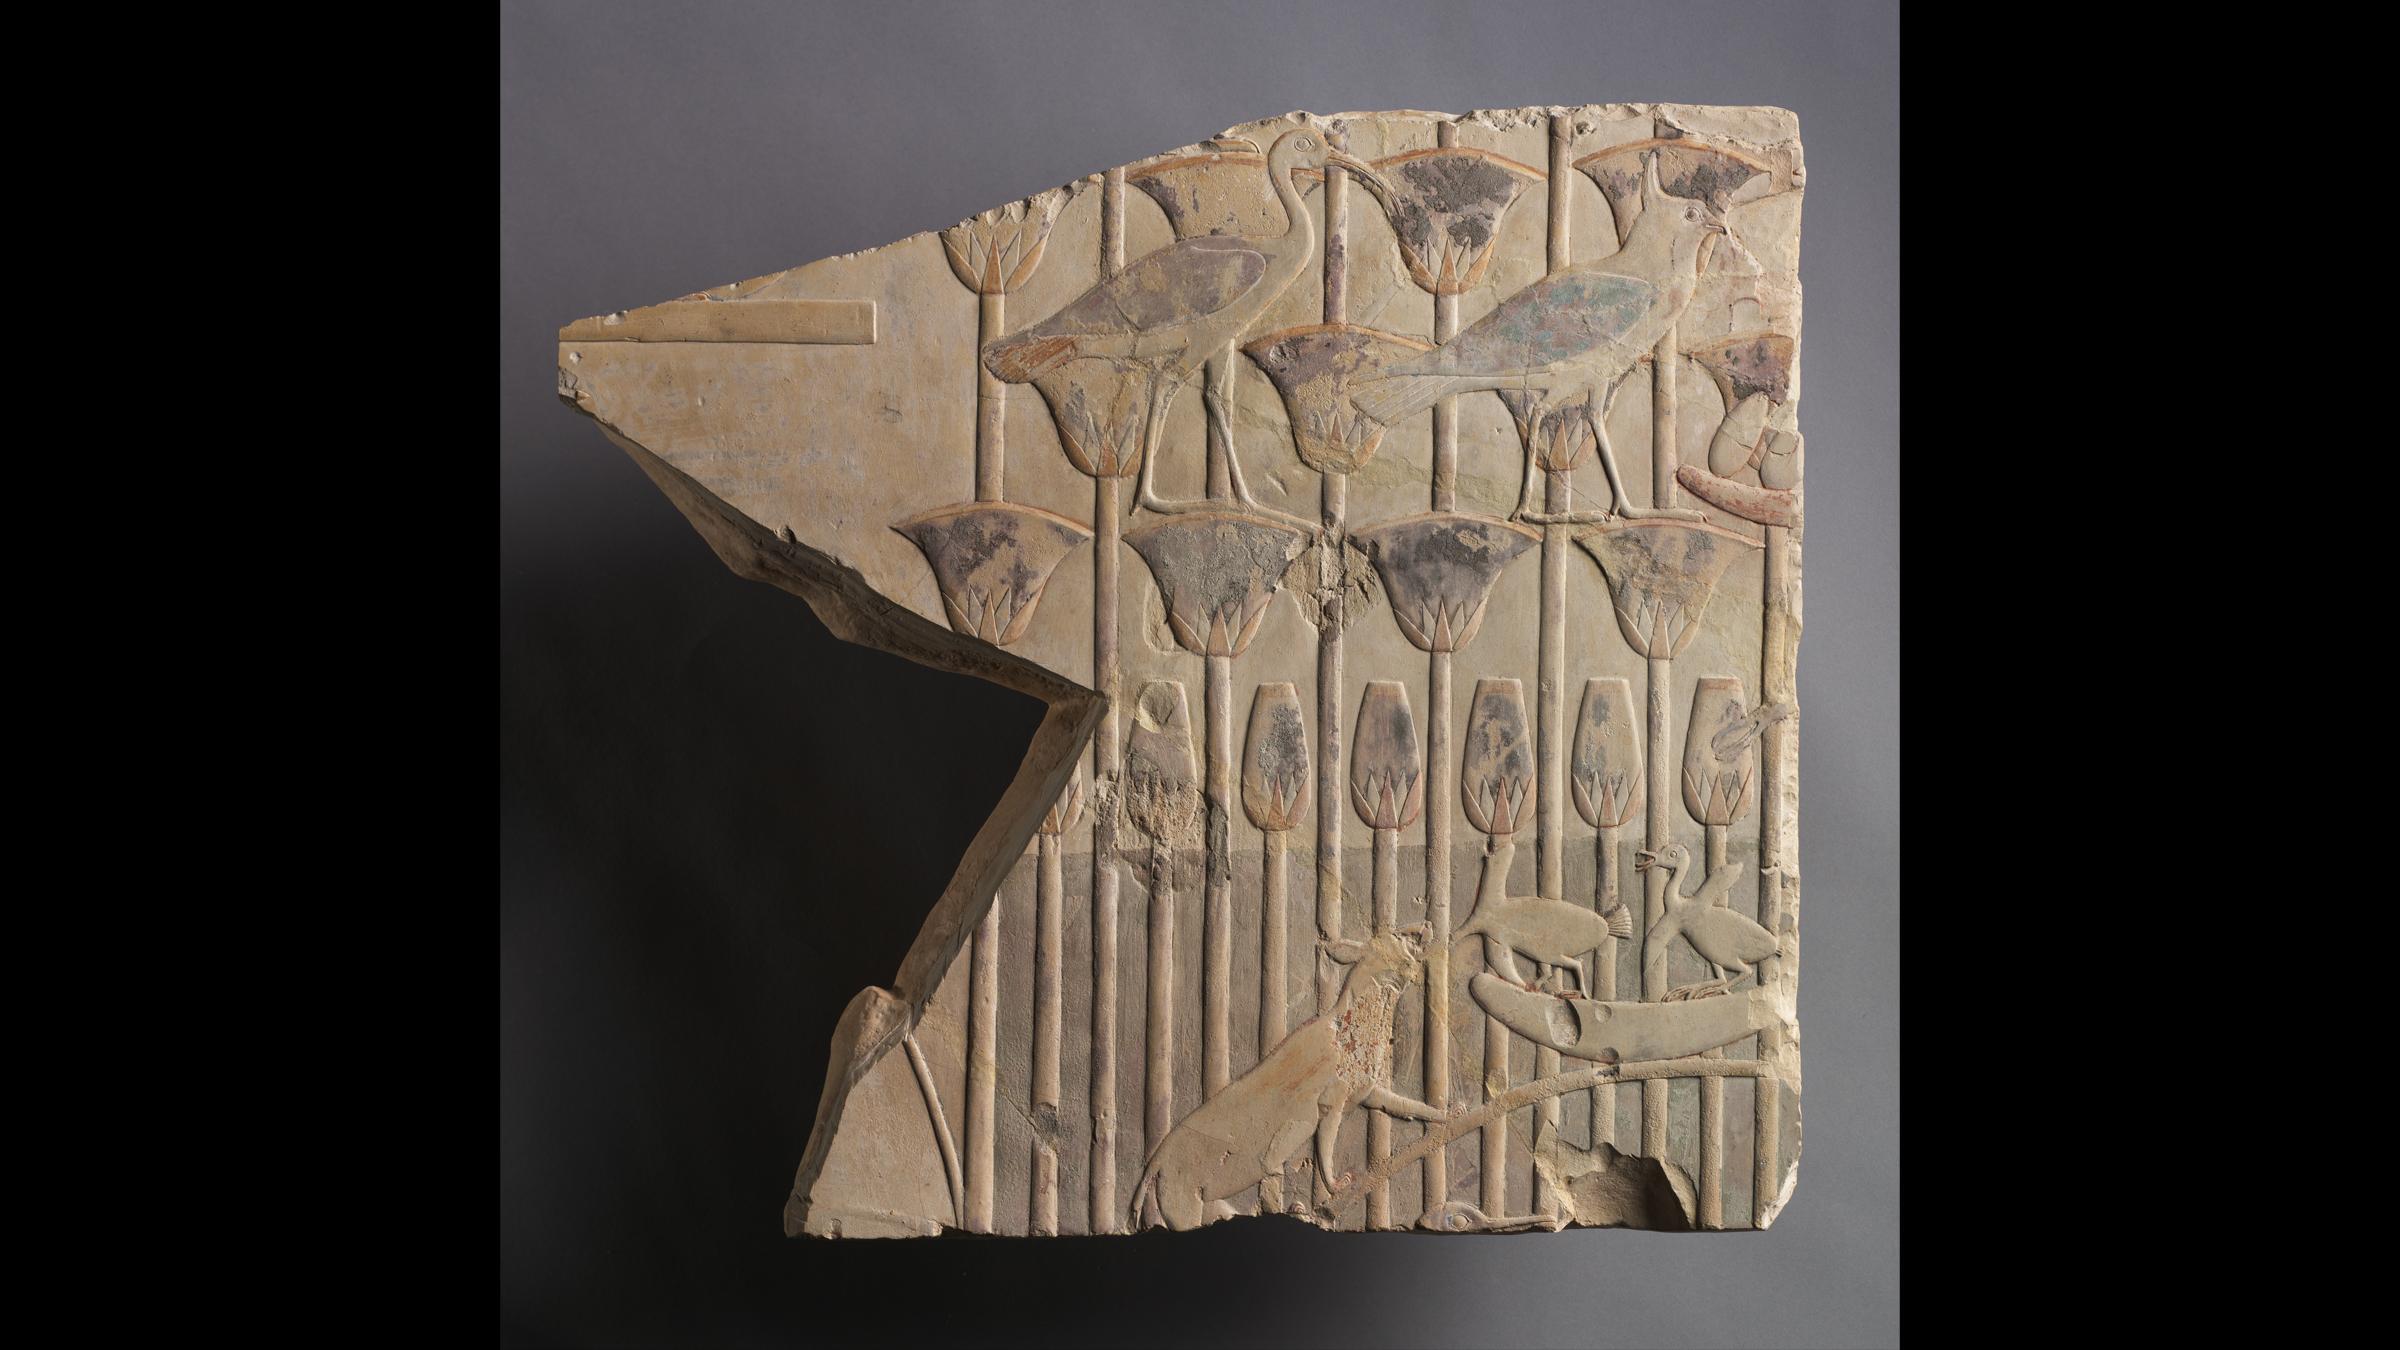 Une scène de marais avec un chat et des oiseaux, datant de 667-647 avant JC, datant de la fin de la période égyptienne, de la fin de la dynastie 25 au début de la dynastie 26